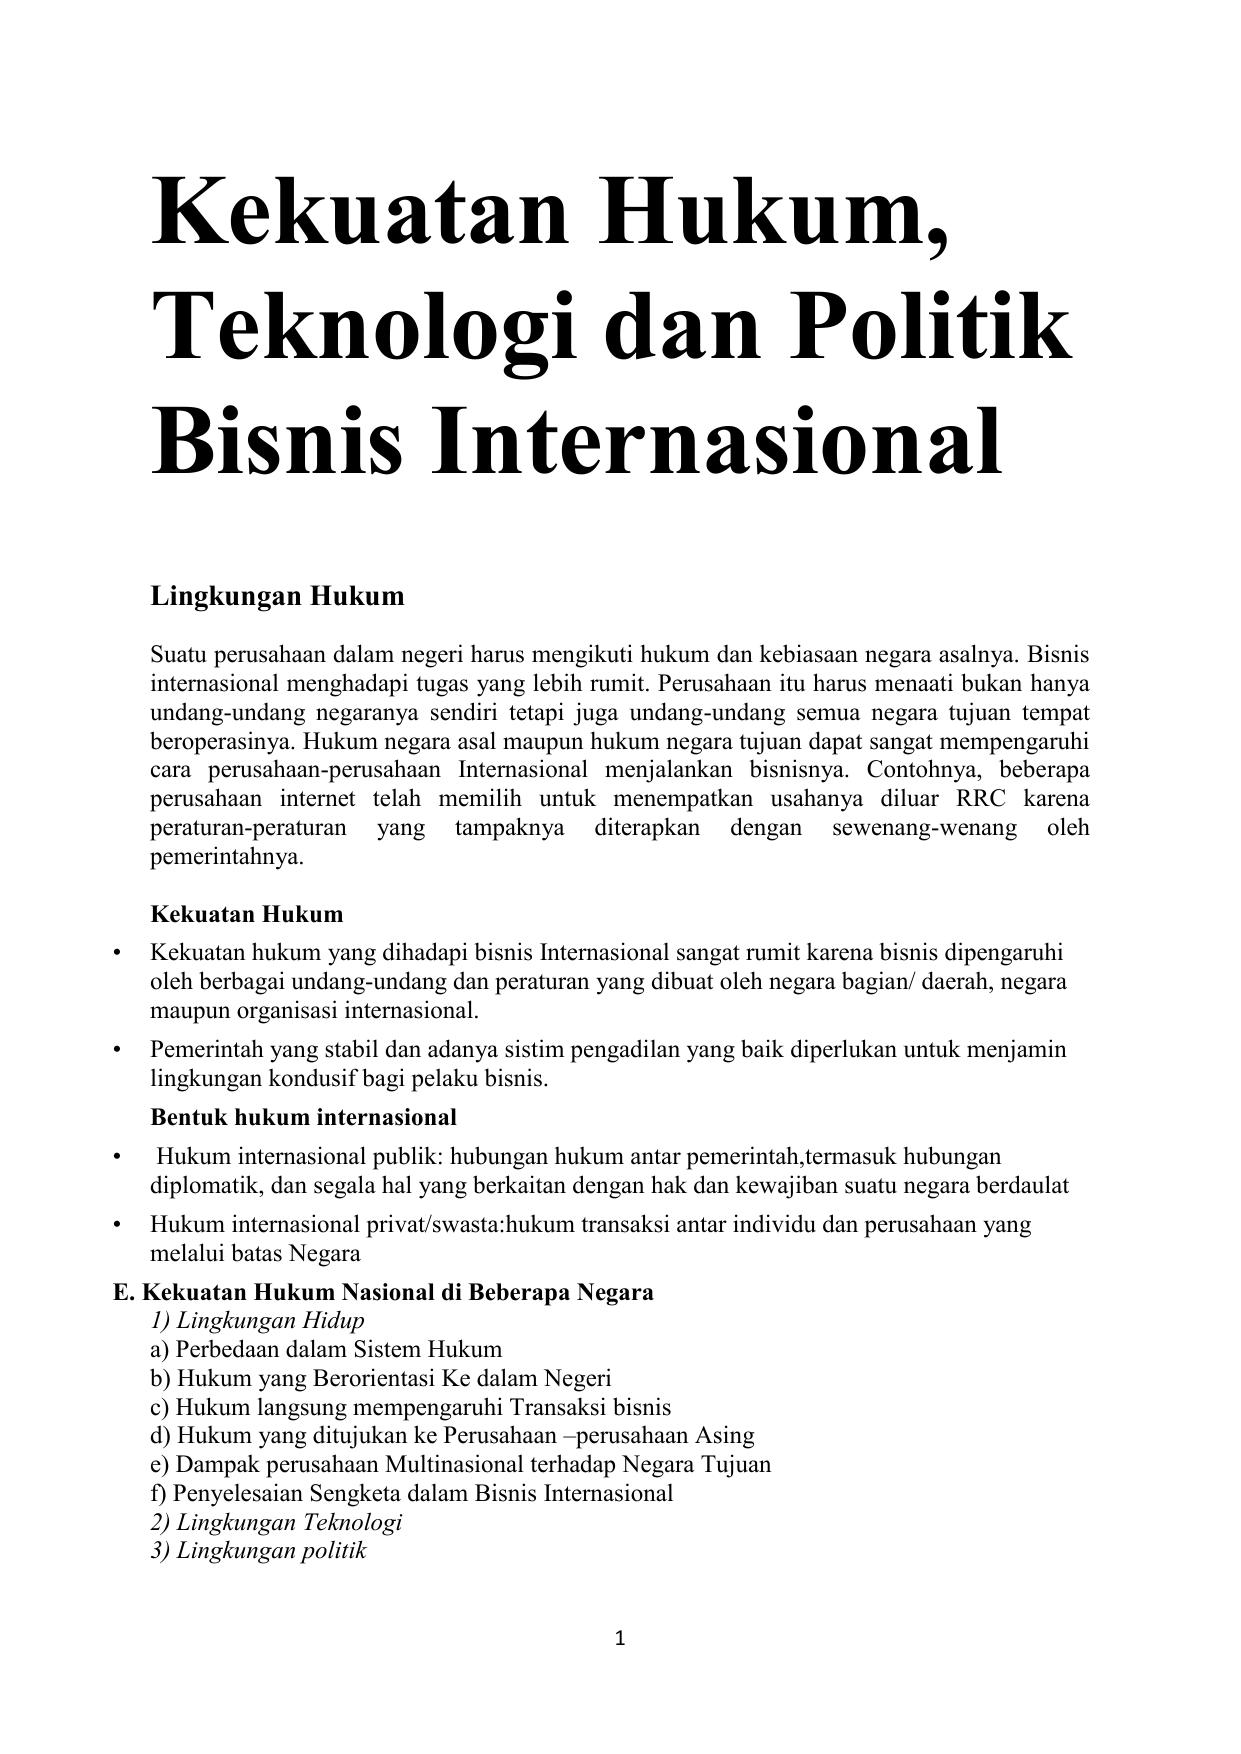 Kekuatan Hukum Teknologi Dan Politik Bisnis Internasional